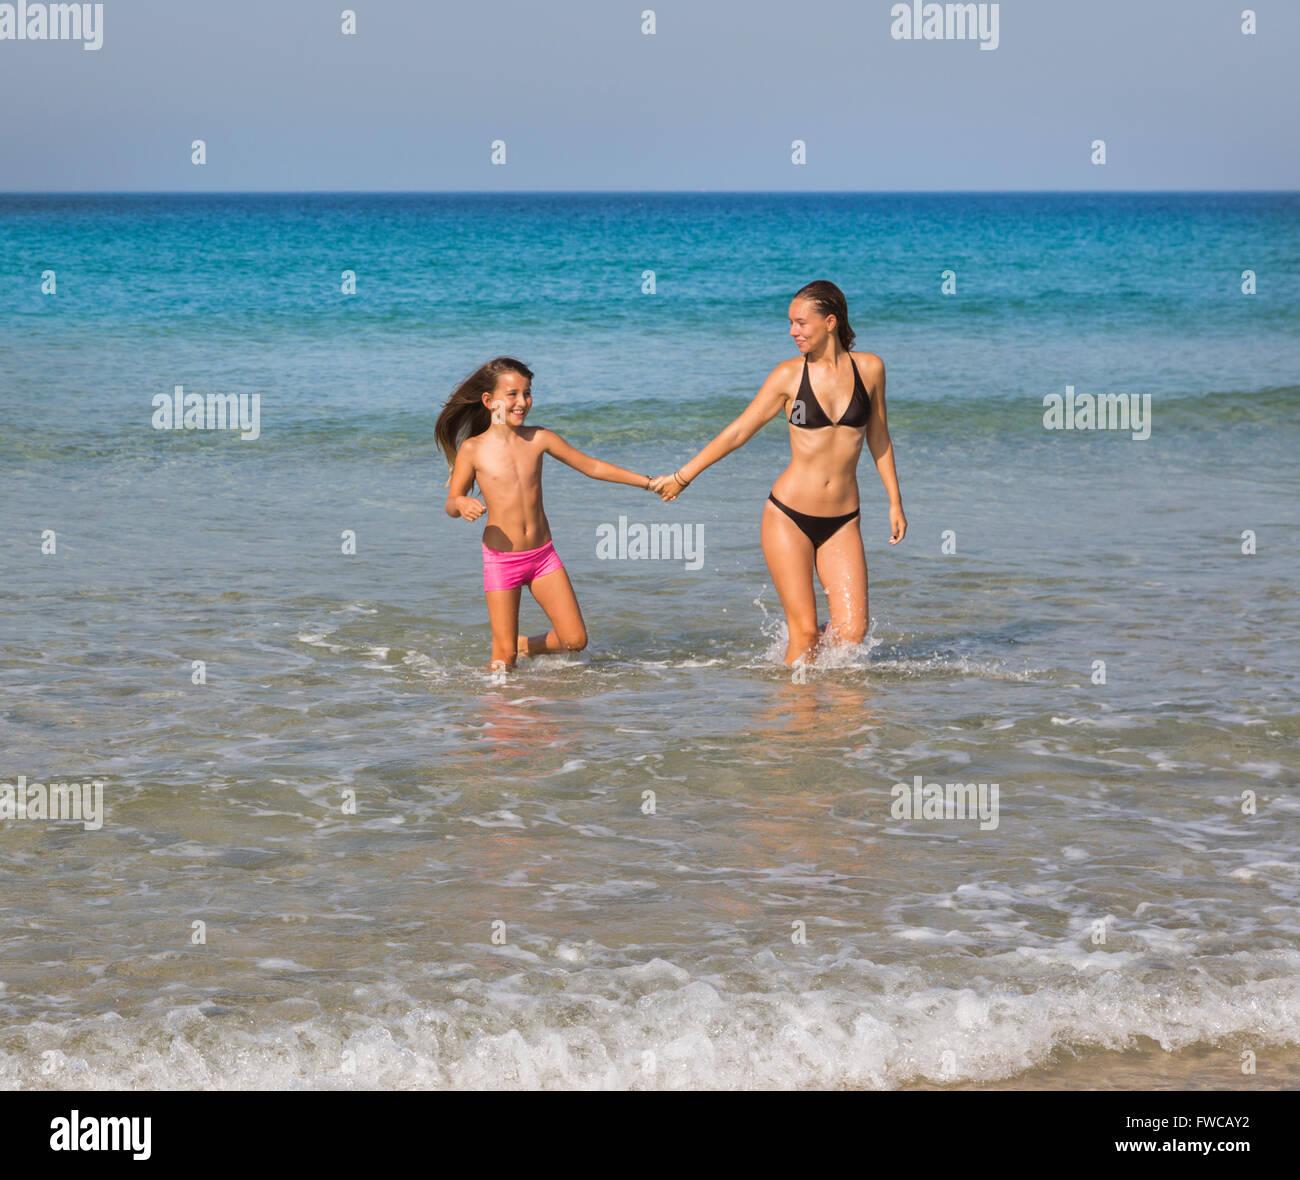 Tarifa, Costa de la Luz, Province de Cadiz, Andalousie, Espagne du sud. Sept ans et quinze ans de jeunes filles, Photo Stock